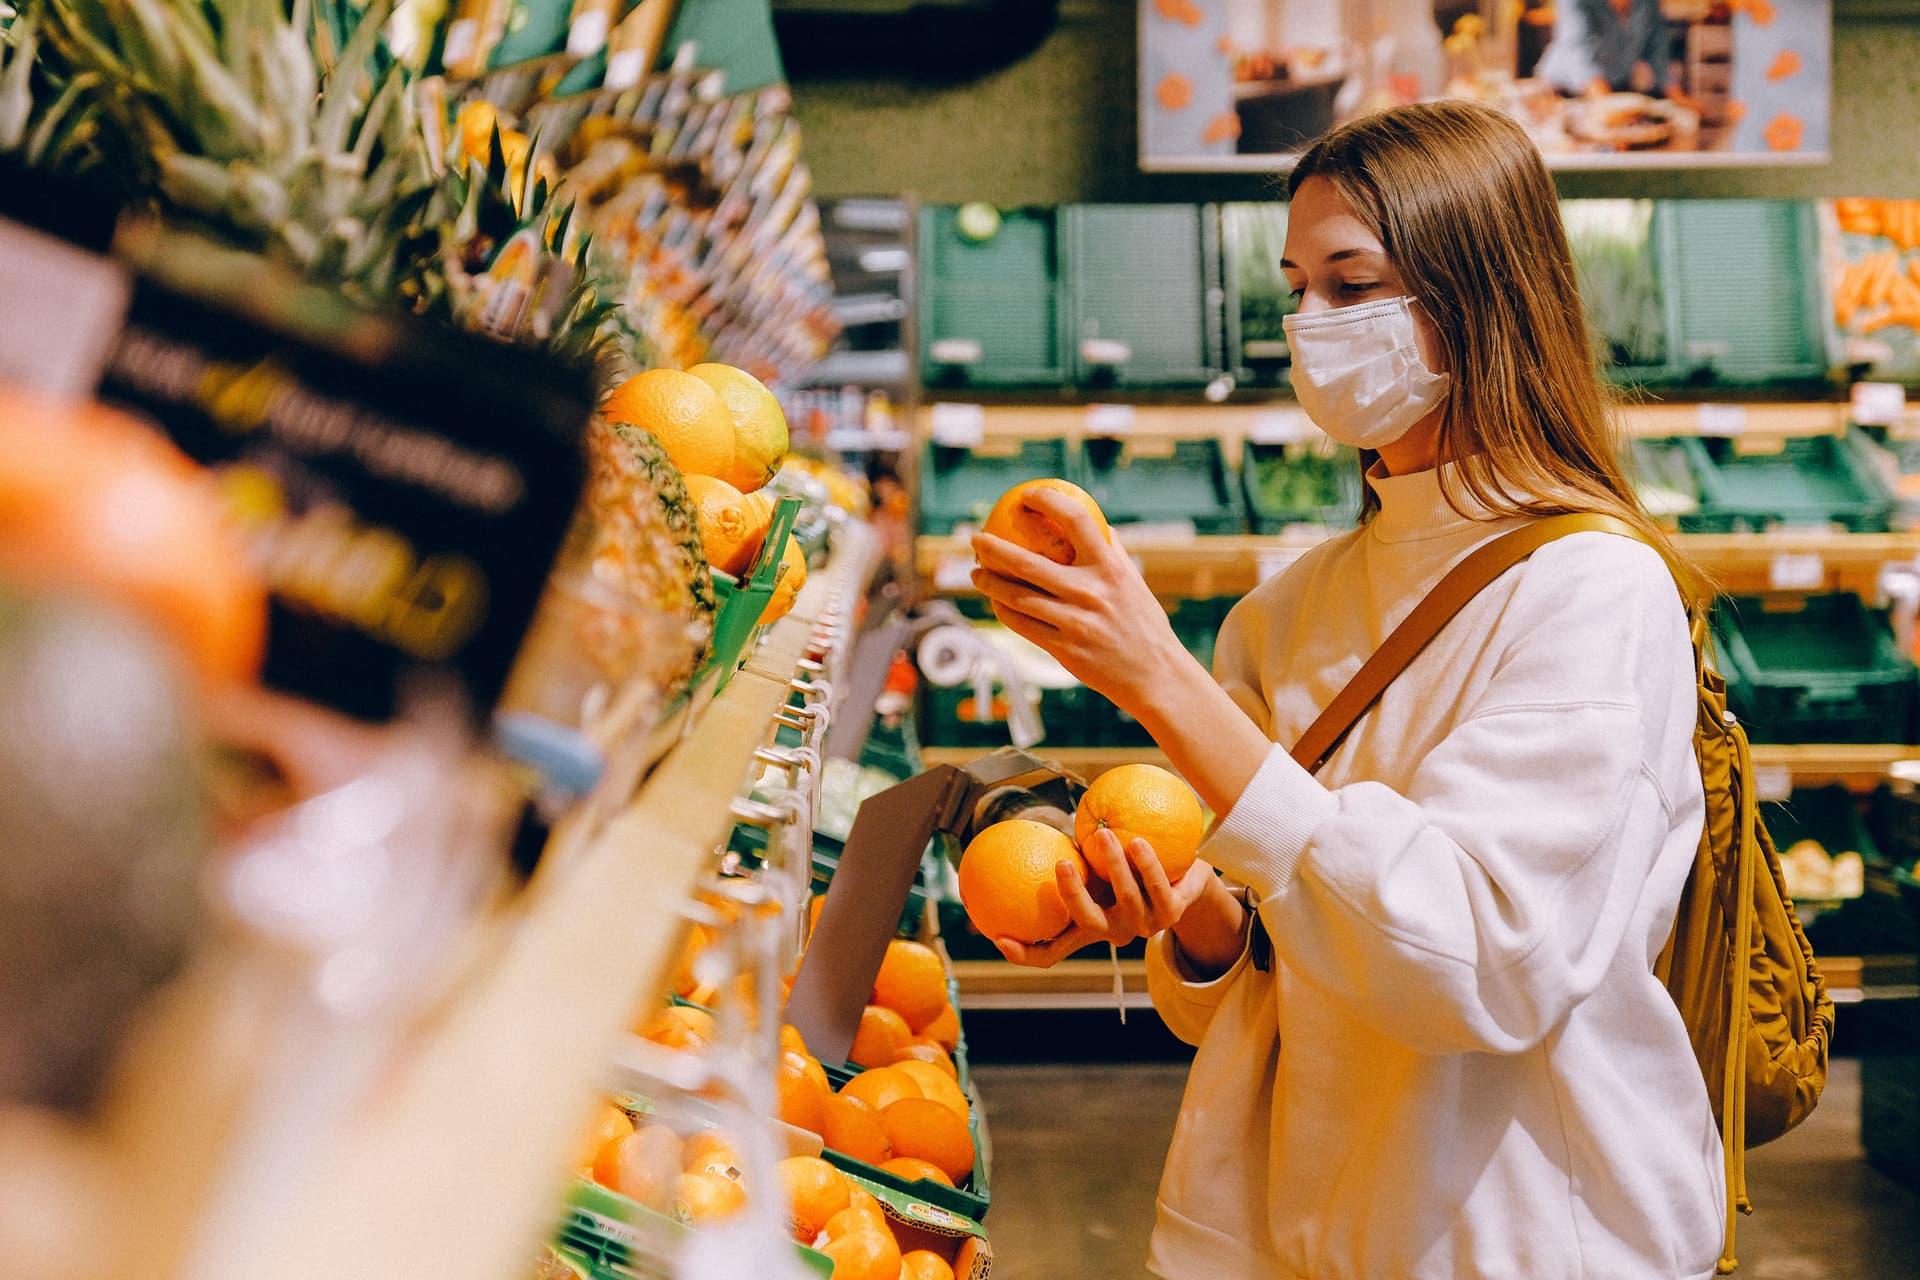 Frau mit Maske in Obstabteilung